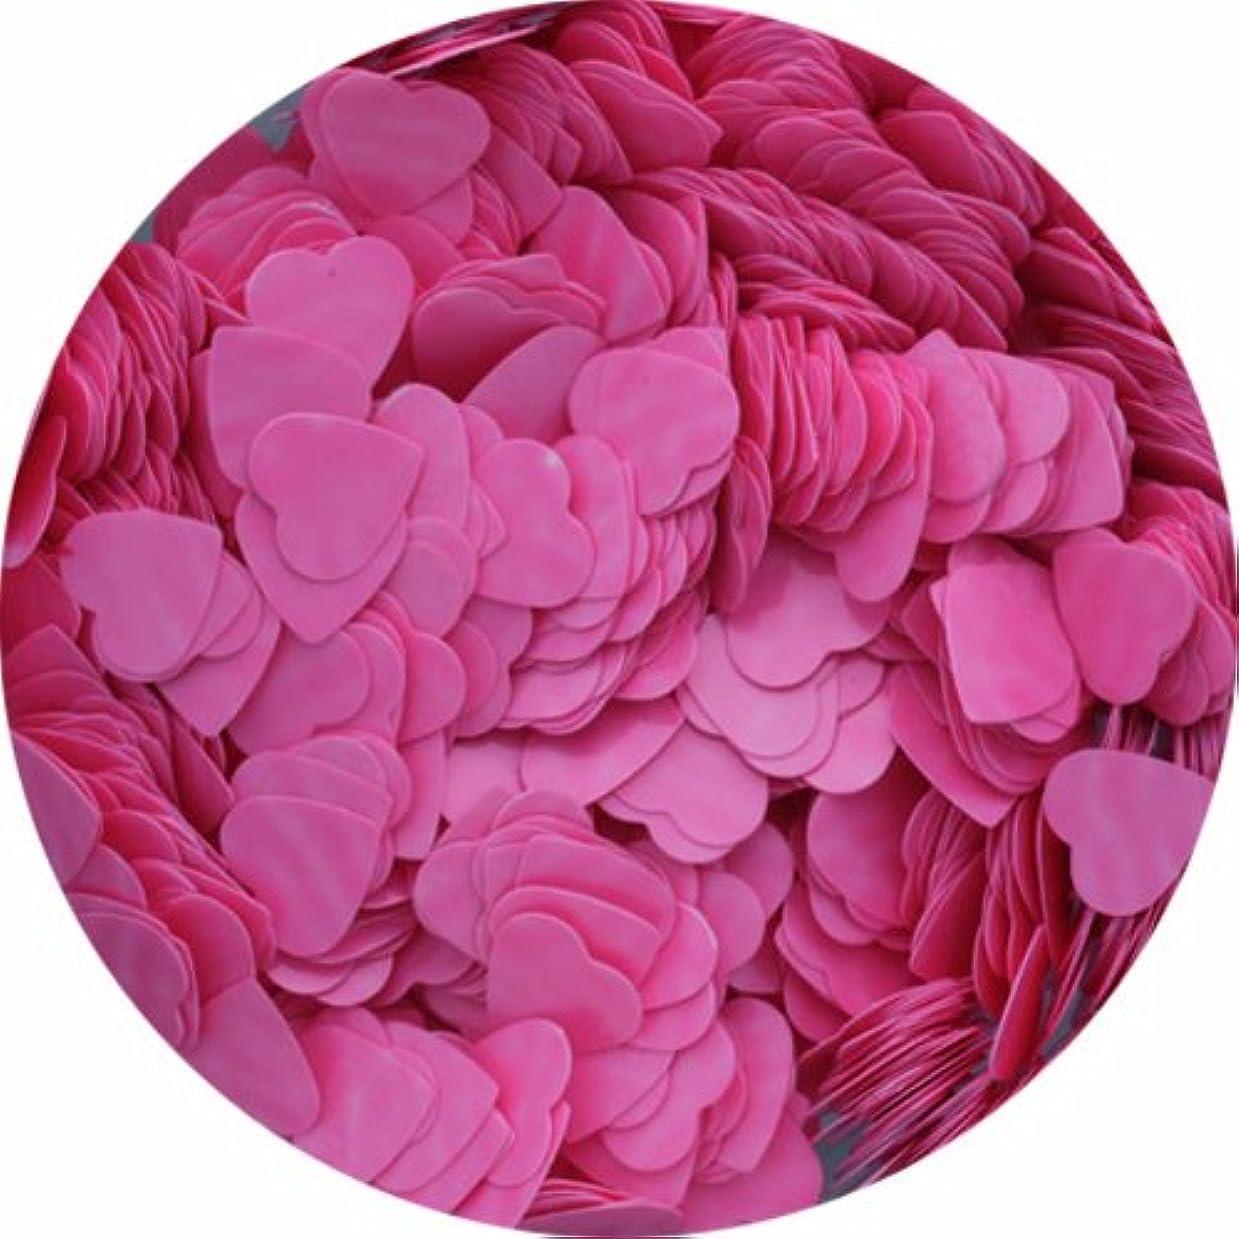 慈悲深い衰えるばかビューティーネイラー ネイル用パウダー 黒崎えり子 ジュエリーコレクション ピンクハート